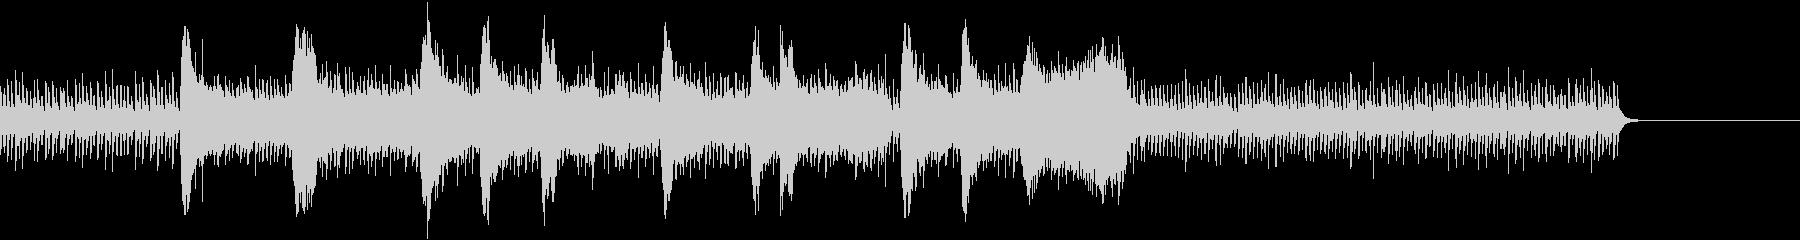 ドラムとストリングスの戦闘シーンの曲の未再生の波形